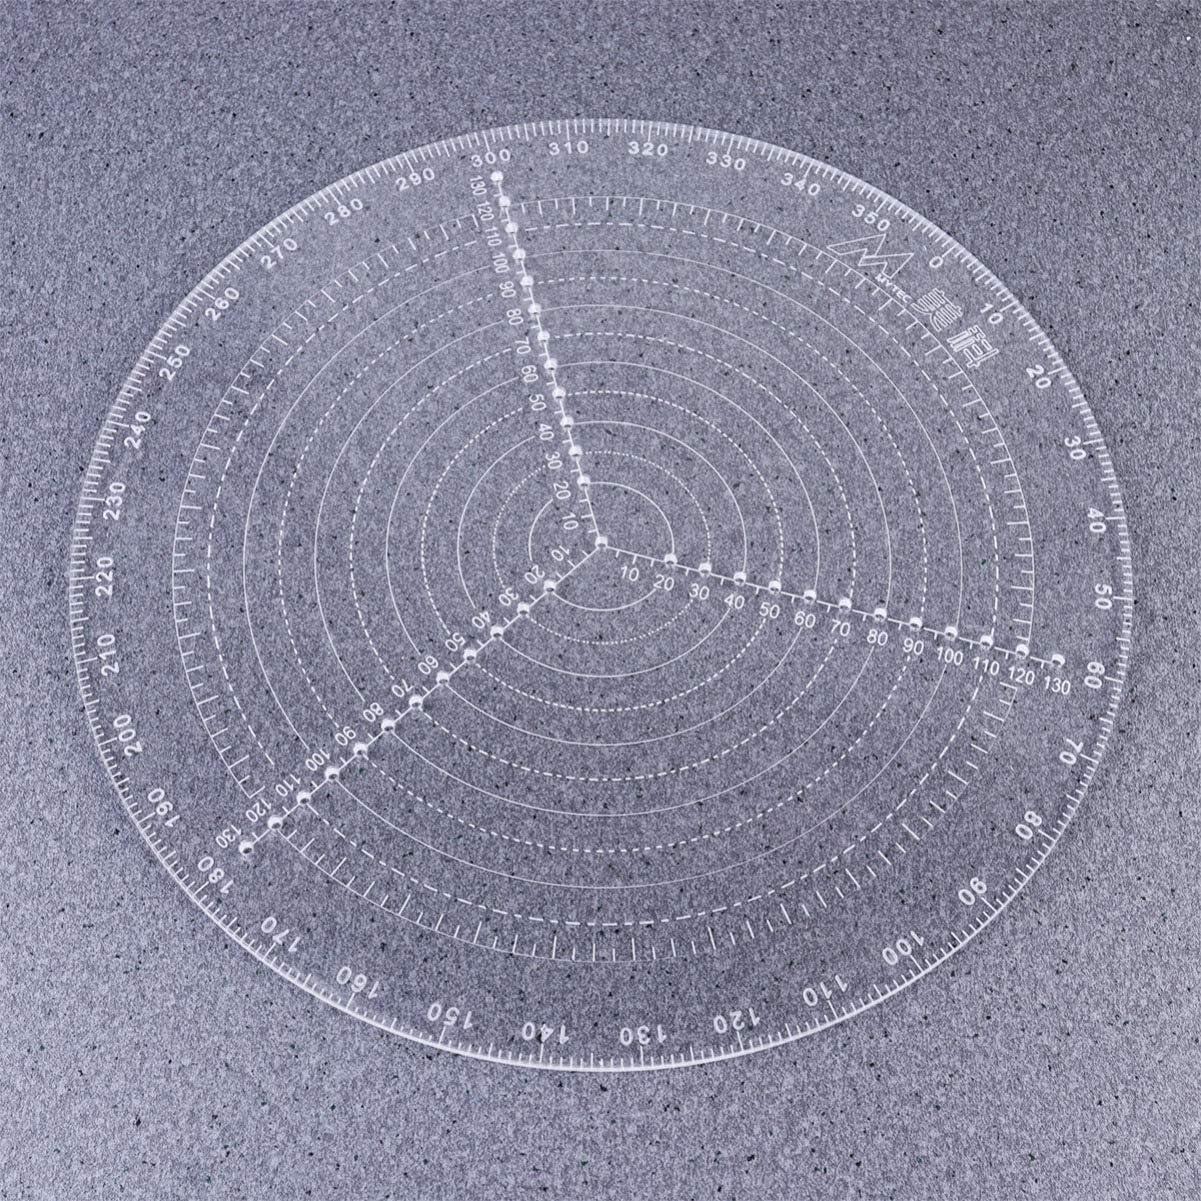 Zeichnen von Kreisen Durchmesser 30Cm DOITOOL 1 St/ück Runder Mittenfinder Kompass Klar Acryl zum Zeichnen von Kreisen Dreharbeiten Und Holzdreher